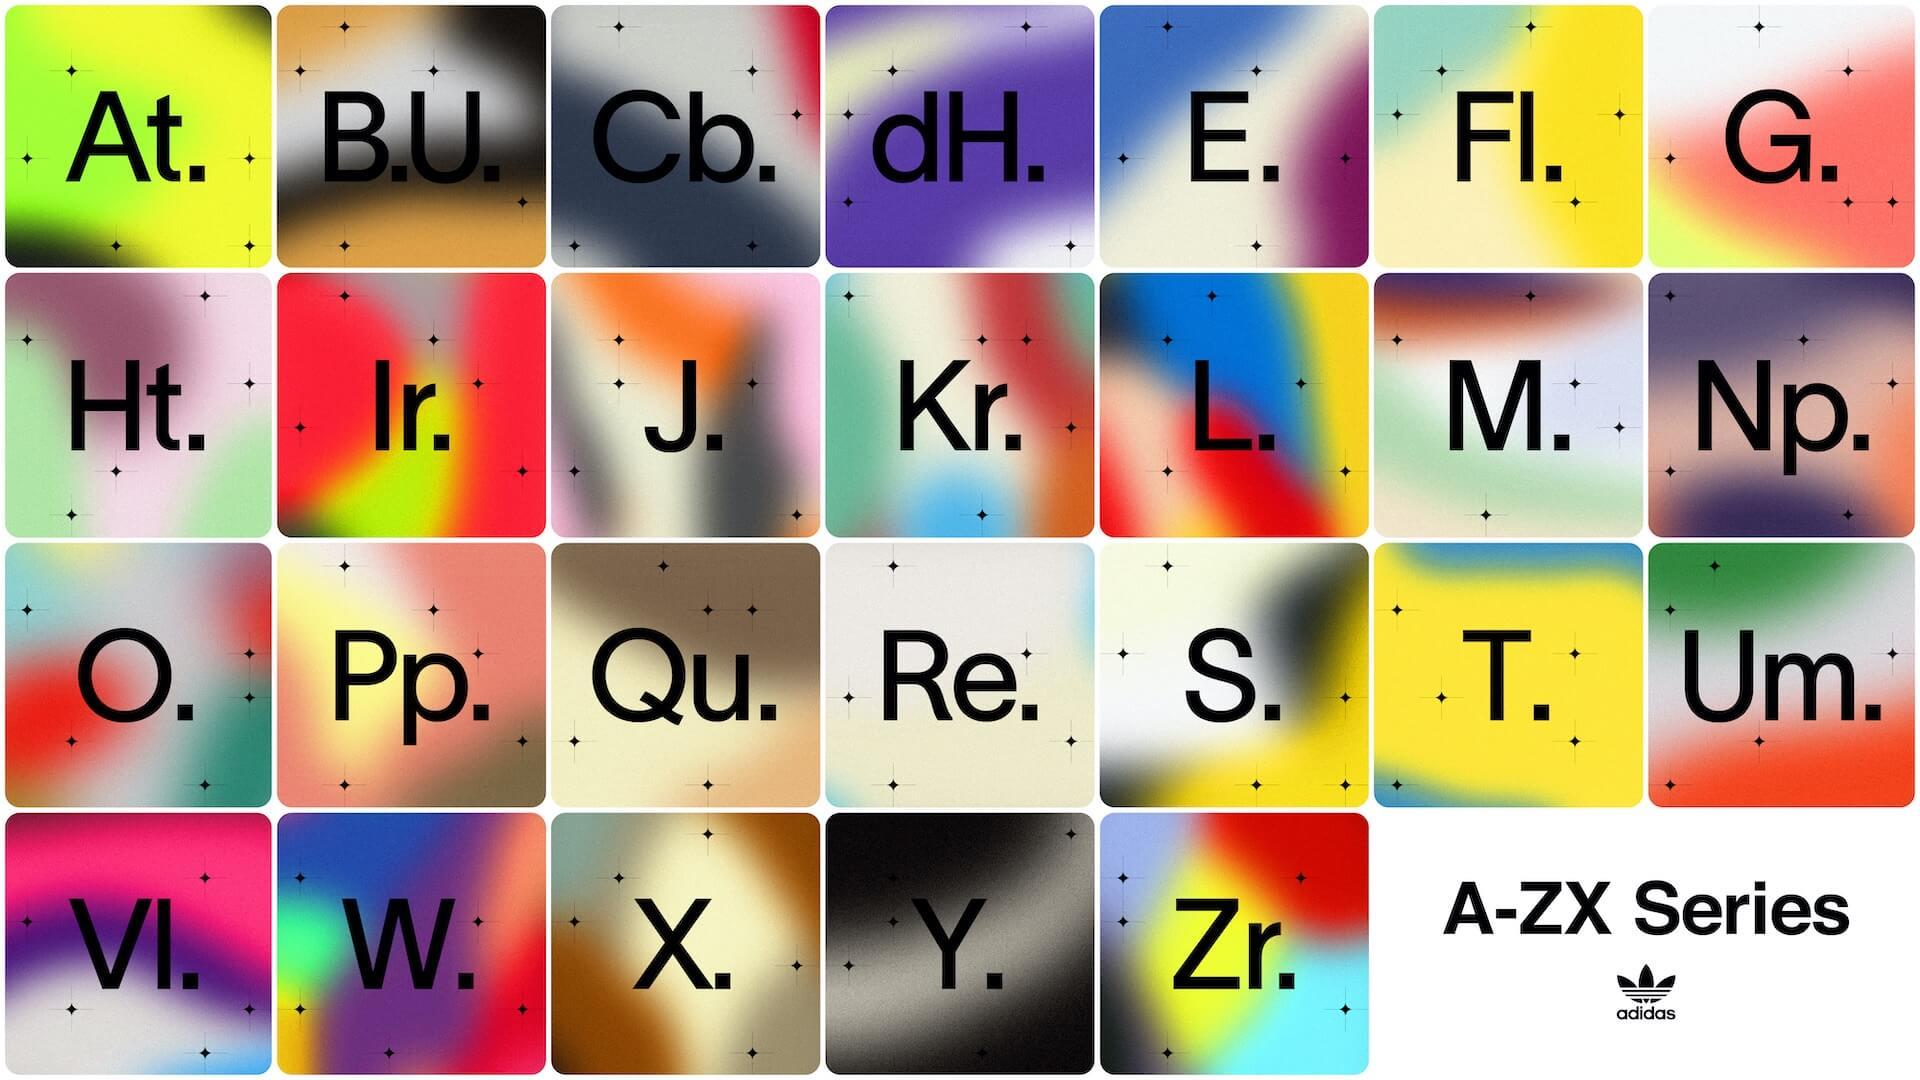 「Retro」がテーマのスニーカー『ZX 1000C』がadidas Originalsより初復刻!アルファベットにちなんだA-ZXシリーズが始動 lf200804_adidasoriginals_zx_01